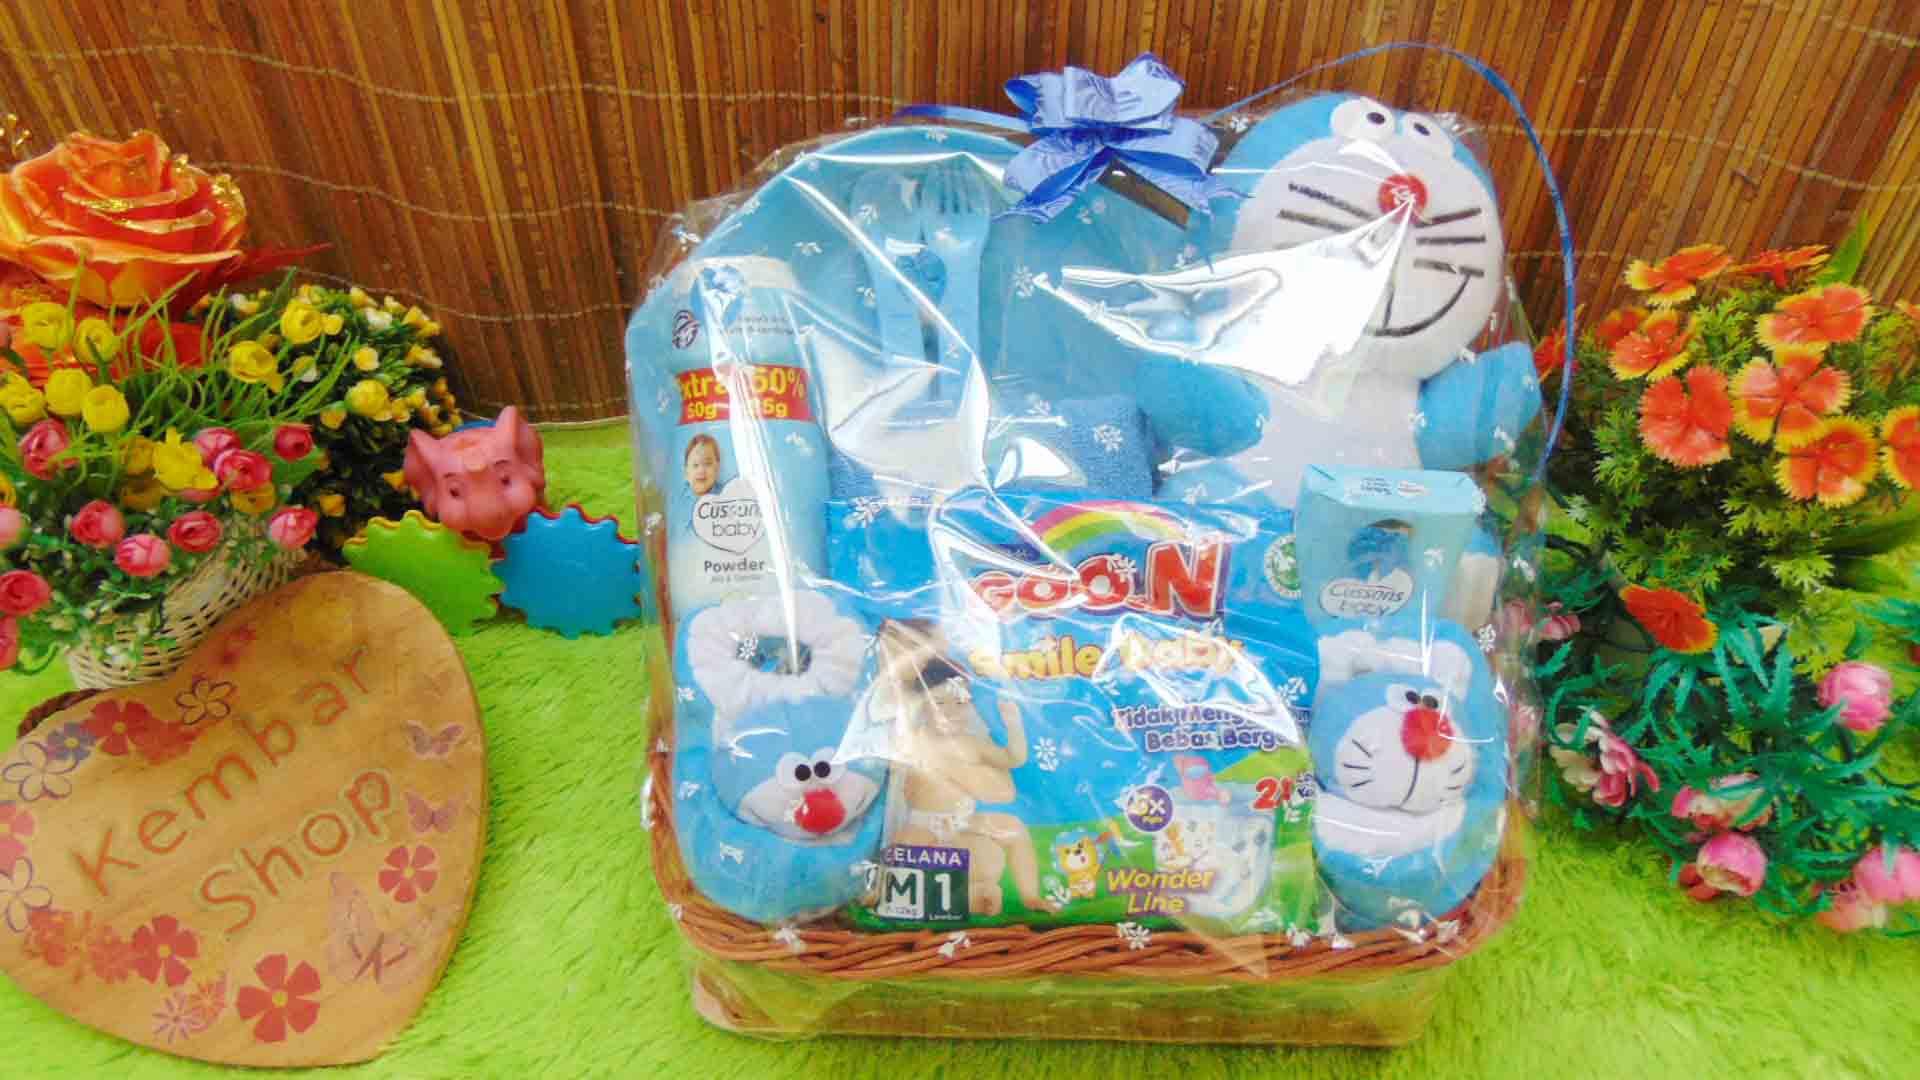 FREE KARTU UCAPAN Paket Parcel Kado Bayi Feeding set (2)